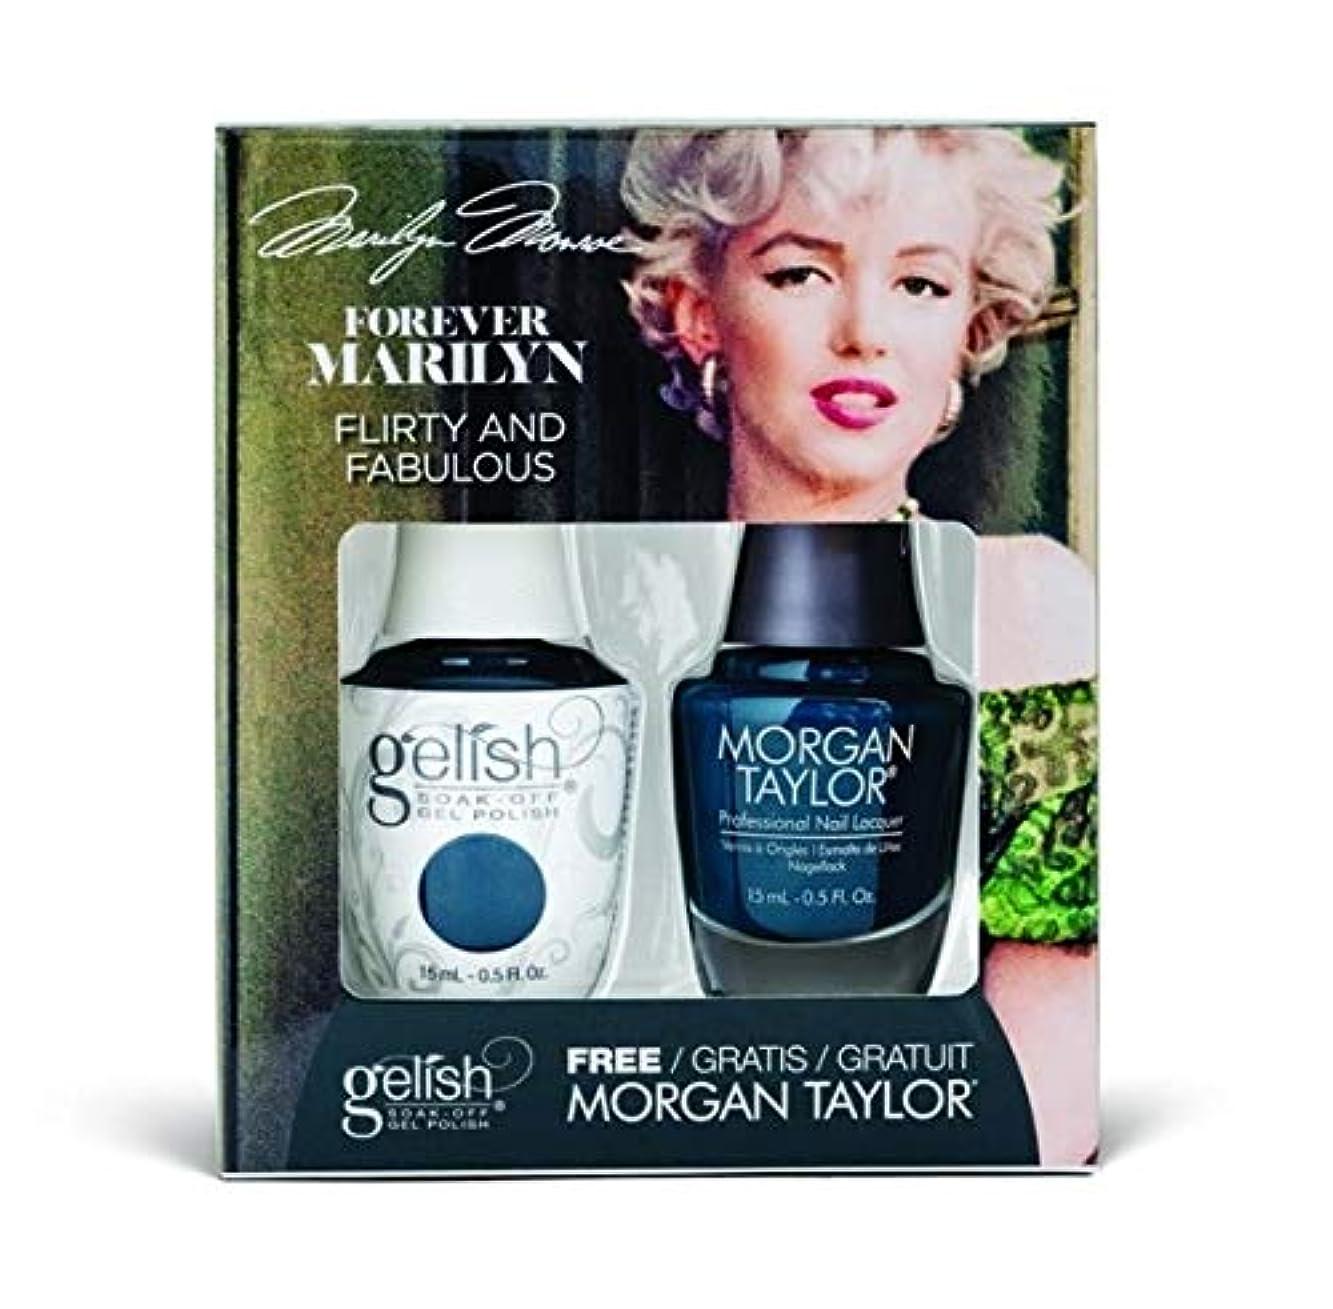 タンパク質吹きさらし音節Harmony Gelish - Two of a Kind - Forever Marilyn Fall 2019 Collection - Flirty and Fabulous - 15ml / 0.5oz